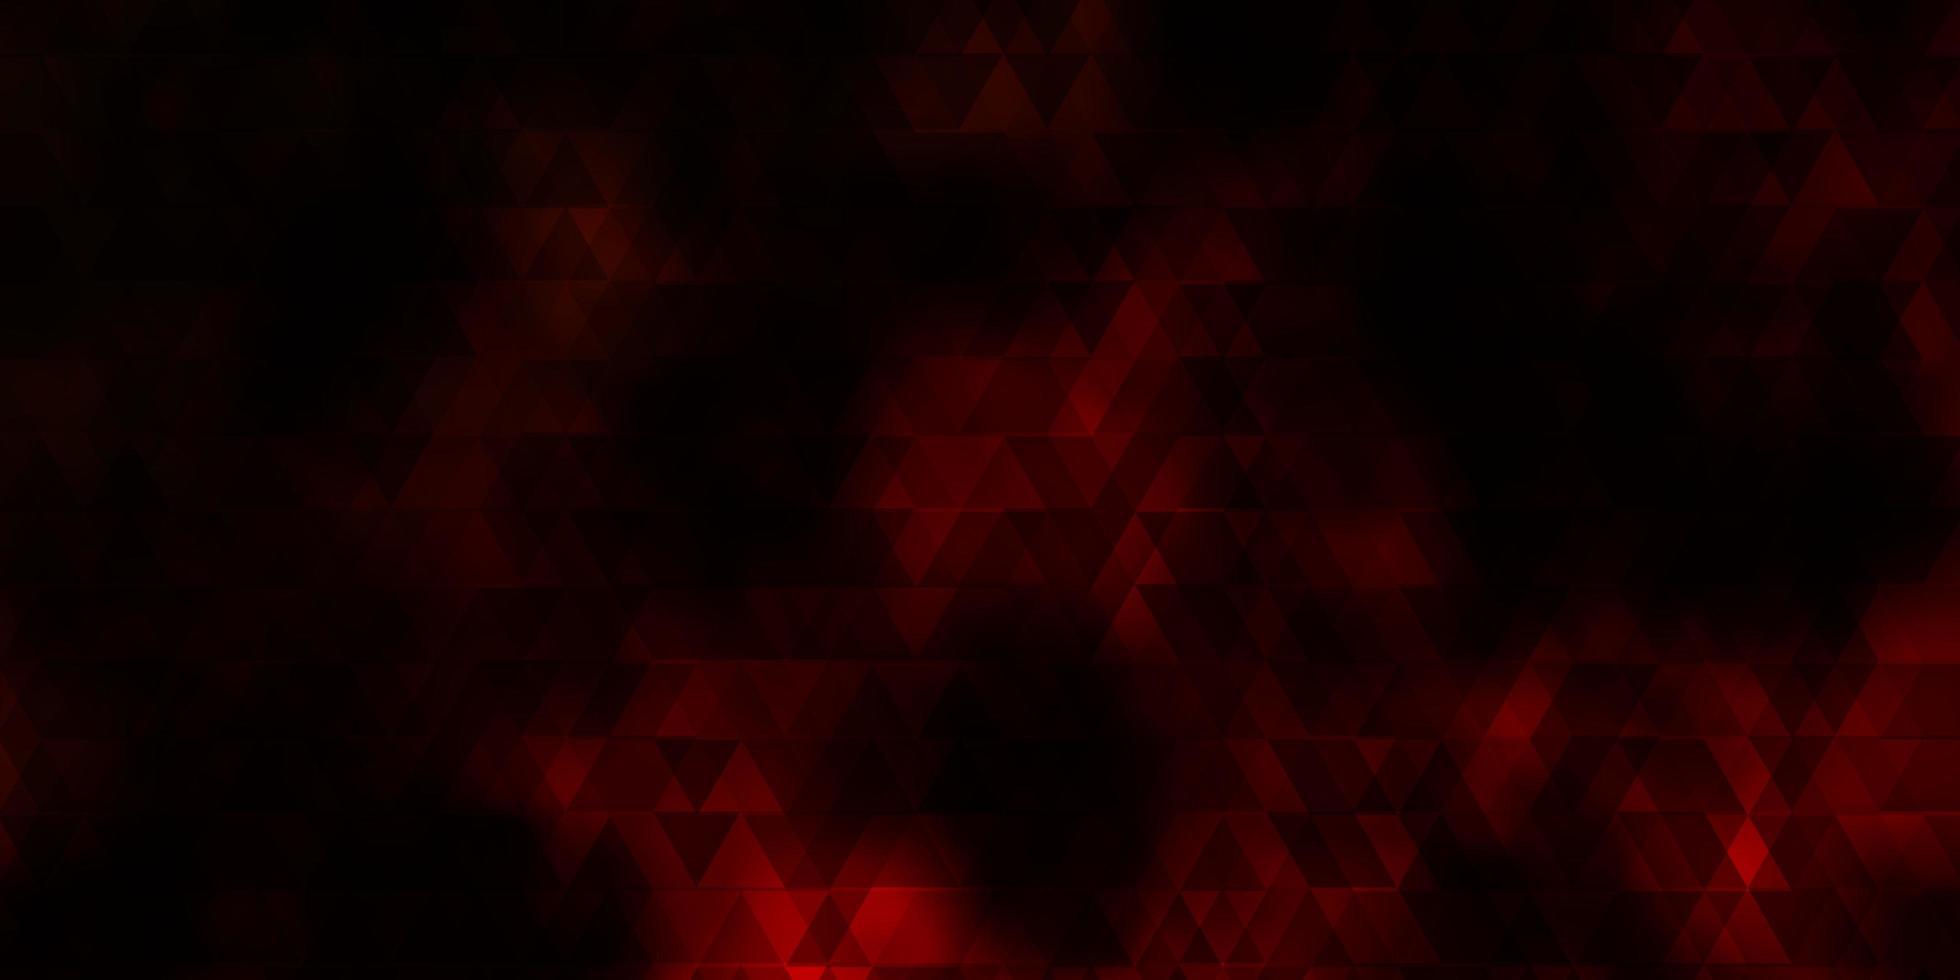 fundo vector laranja escuro com linhas, triângulos.